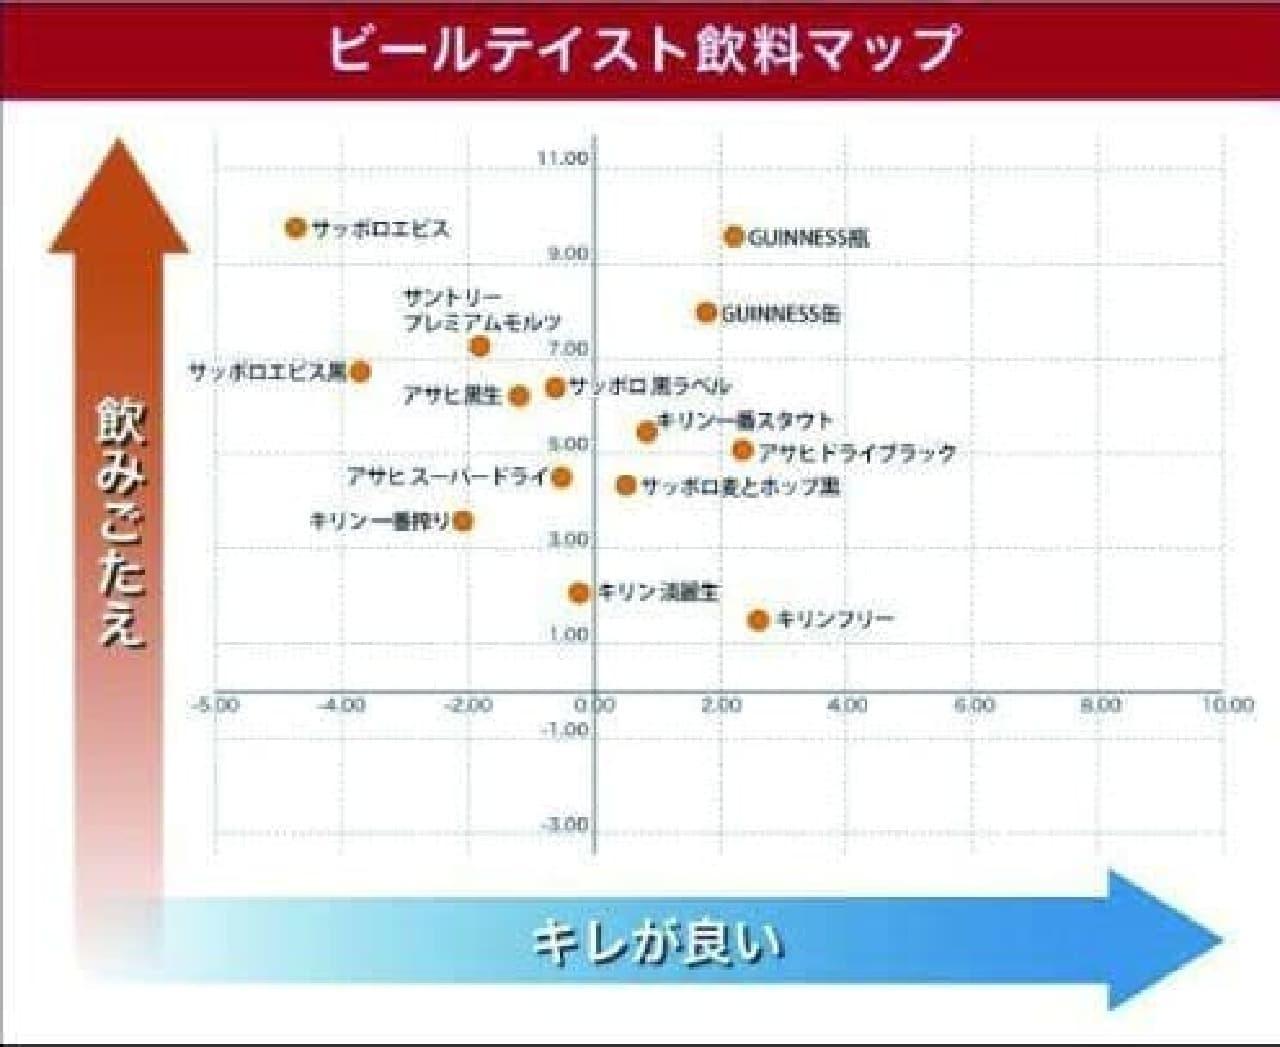 ビールテイスト飲料マップ[出典:味香り戦略研究所]